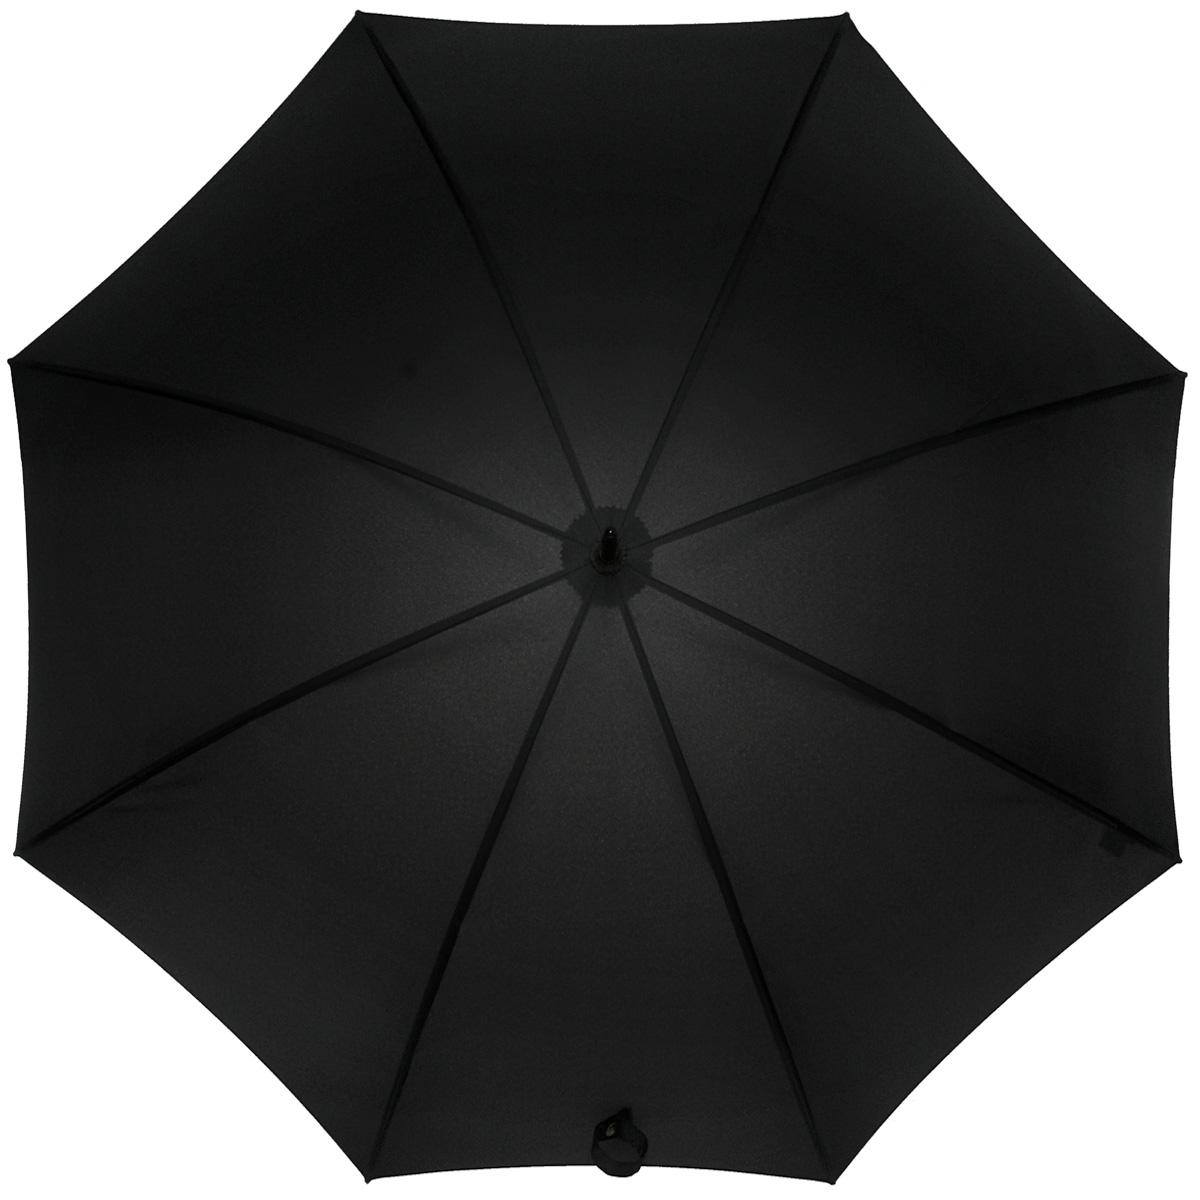 Зонт-трость мужской Zest, механический, цвет: черный. 4154041540Мужской механический зонт-трость Zest даже в ненастную погоду позволит вам оставаться стильным. Каркас зонта состоит из восьми двойных спиц и прочного стержня из металла. Специальная система Windproof защищает его от поломок во время сильных порывов ветра. Купол зонта черного цвета выполнен из прочного полиэстера с водоотталкивающей пропиткой. Используемые высококачественные красители, а также покрытие Teflon обеспечивают длительное сохранение свойств ткани купола. Рукоятка закругленной формы, разработанная с учетом требований эргономики, выполнена из пластика и обтянута искусственной кожей черного цвета. Зонт имеет механический тип сложения: купол открывается и закрывается вручную до характерного щелчка. Такой зонт не только надежно защитит вас от дождя, но и станет стильным аксессуаром. Характеристики: Материал: полиэстер, пластик, металл, искусственная кожа. Диаметр купола: 110 см. Цвет: черный. Длина стержня зонта: 77 см. Количество...